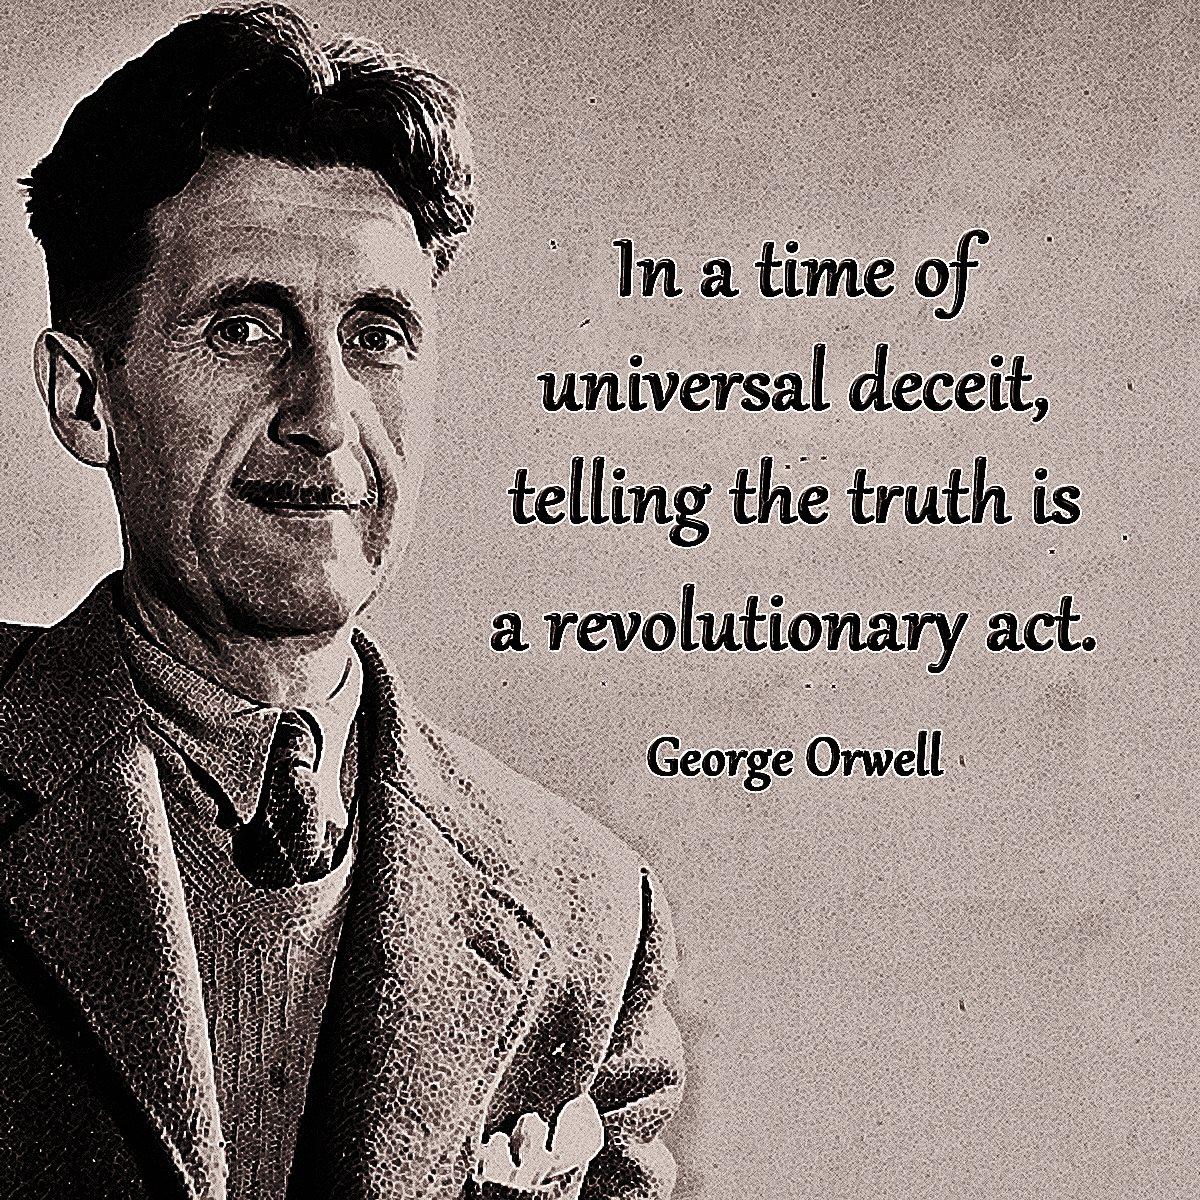 00 george orwell. 020715